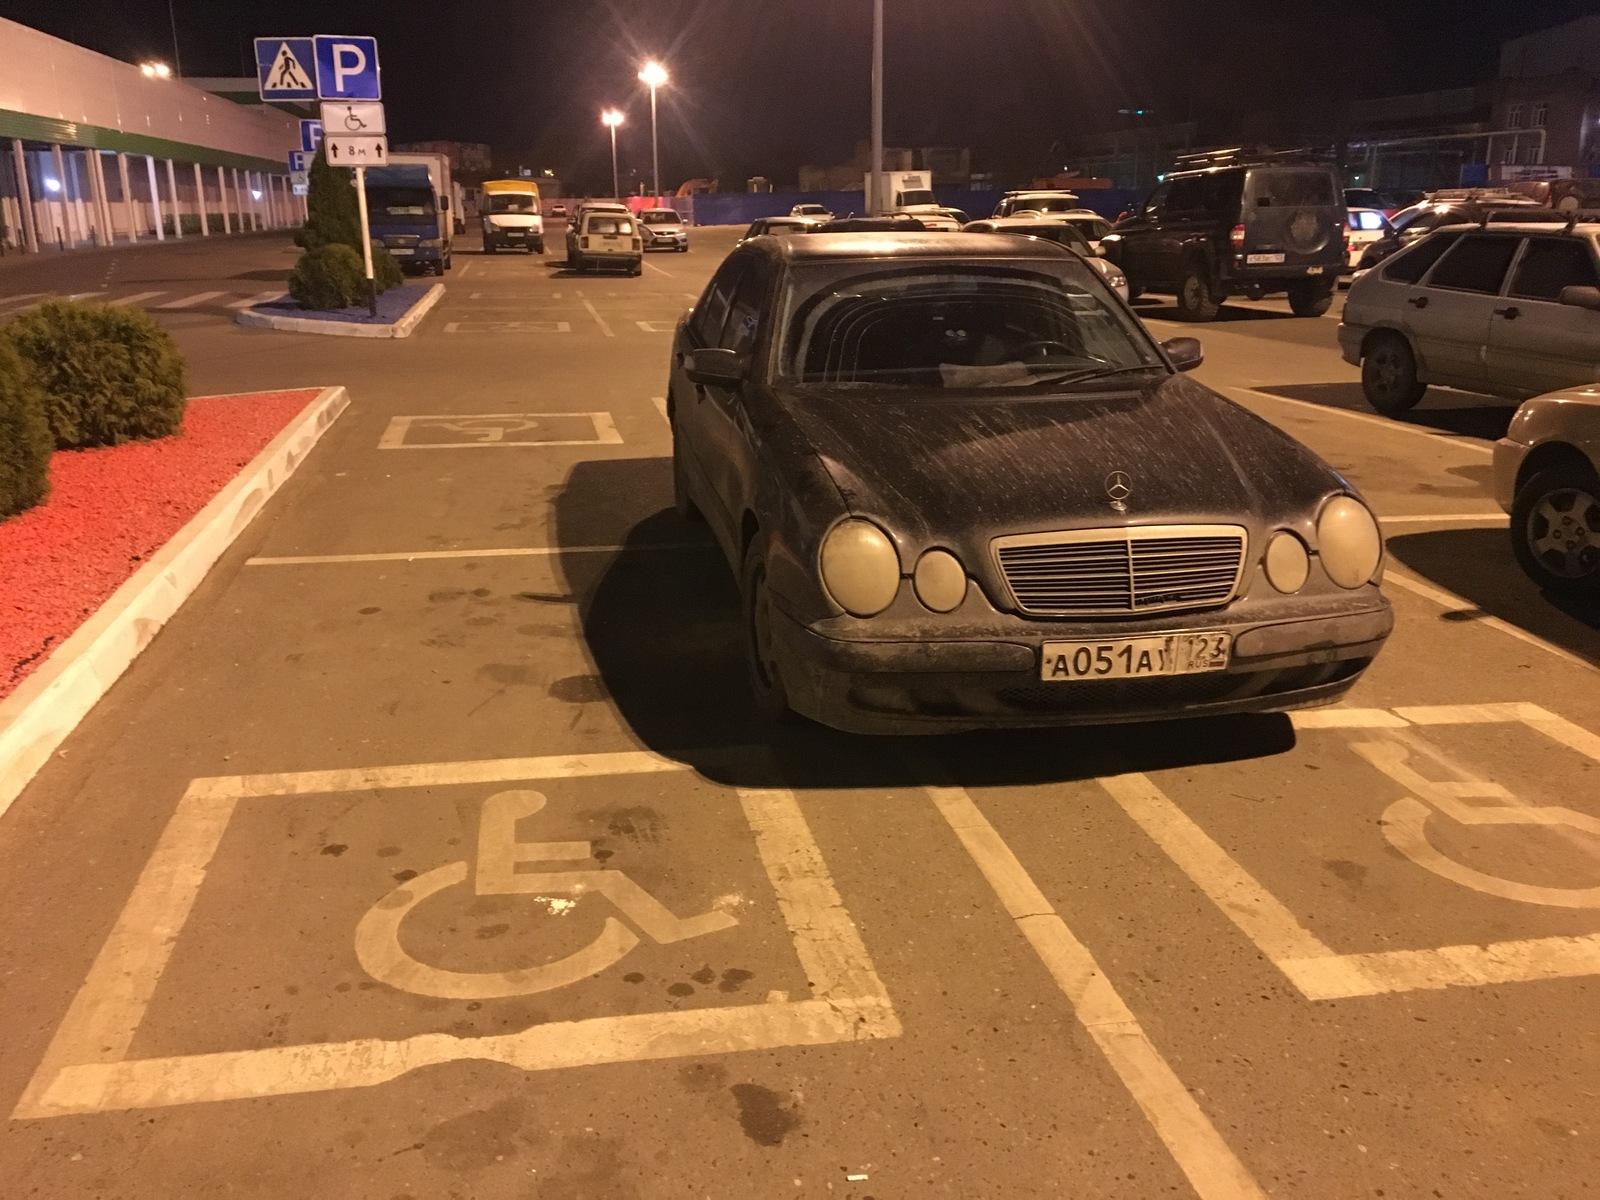 занятые парковочные места для инвалидов